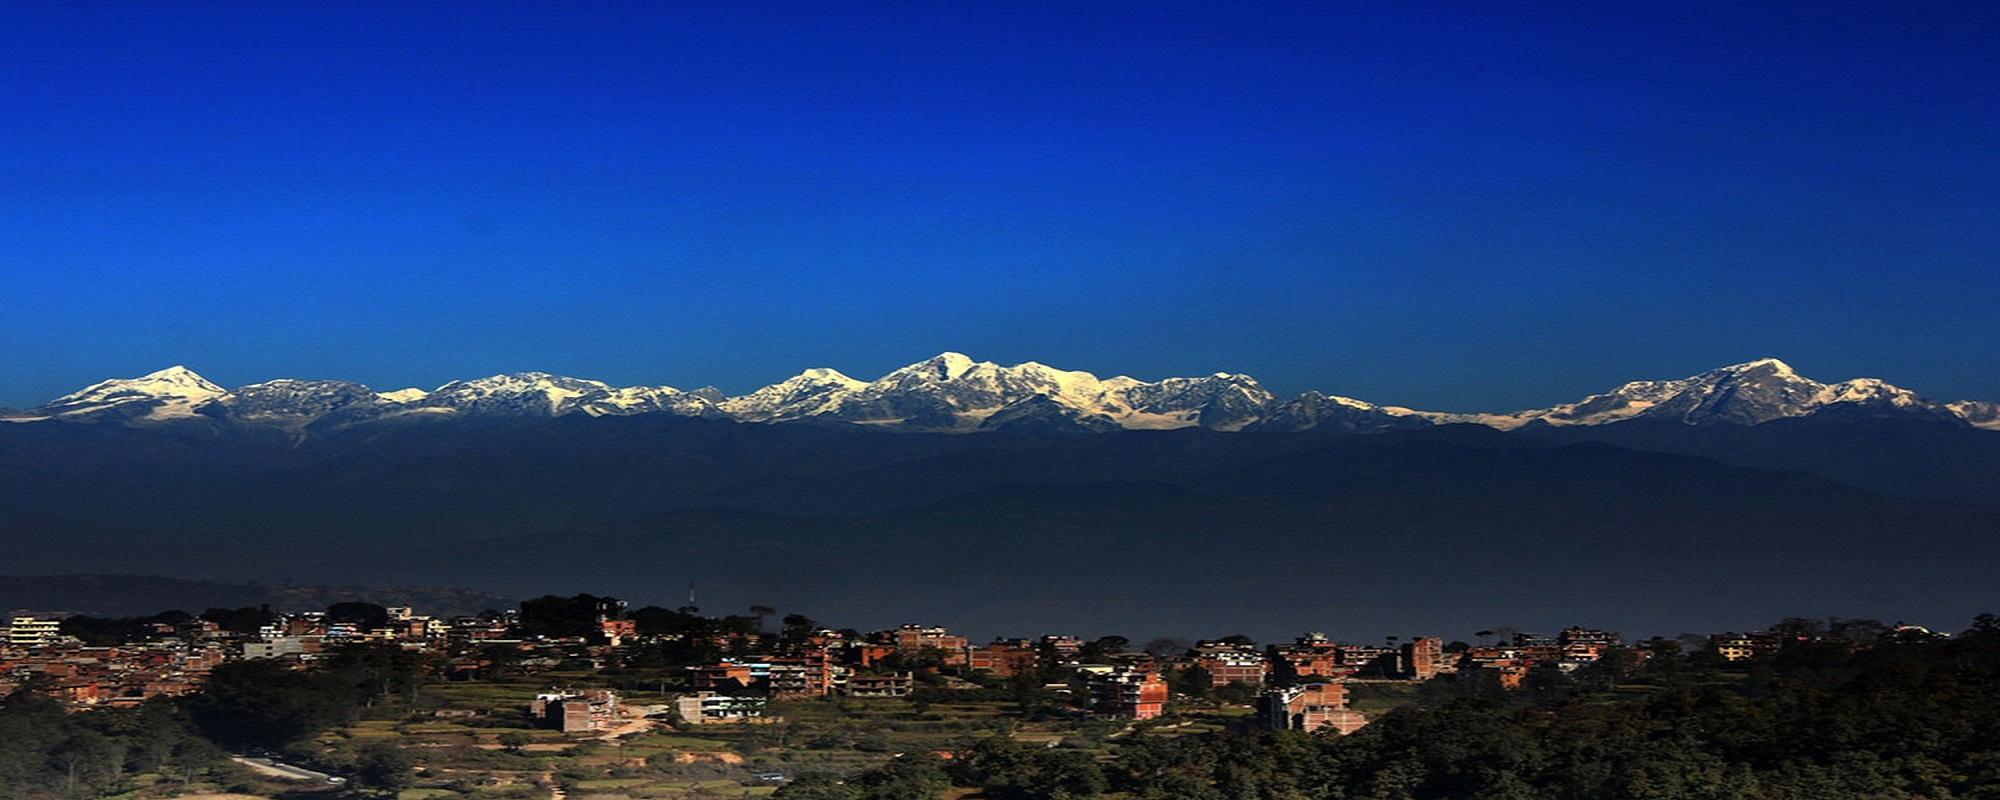 Kathmandu/Chitwan Tour